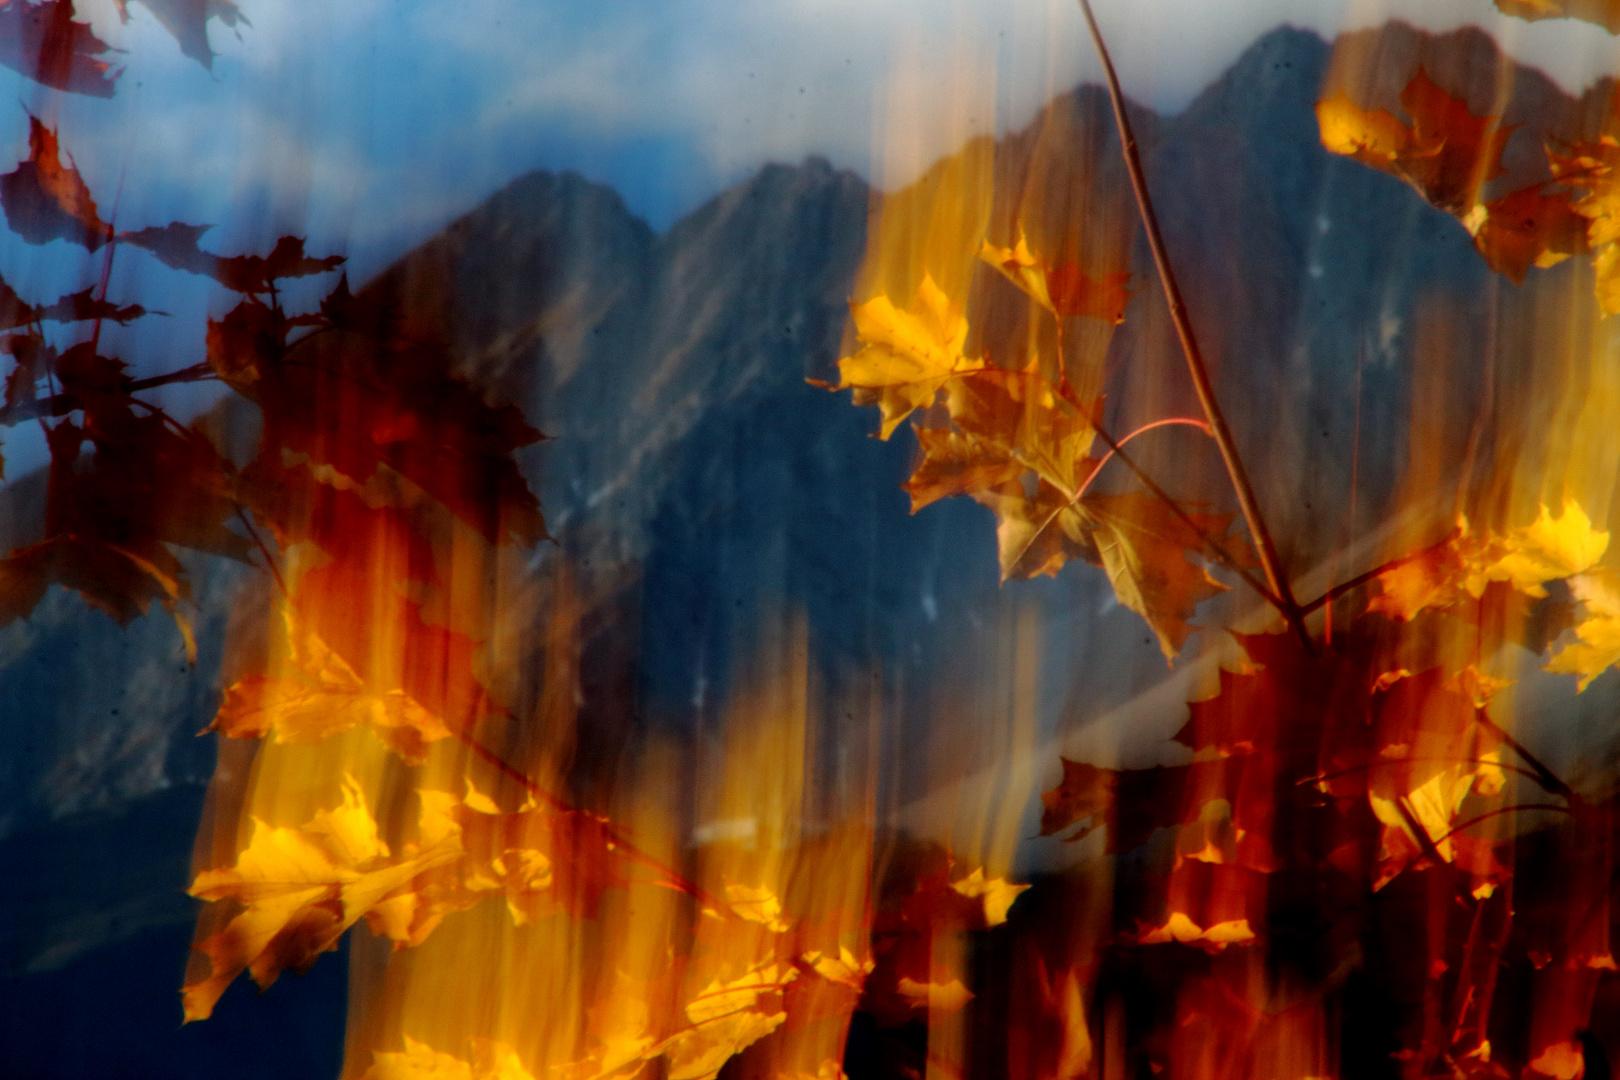 der brennende Baum